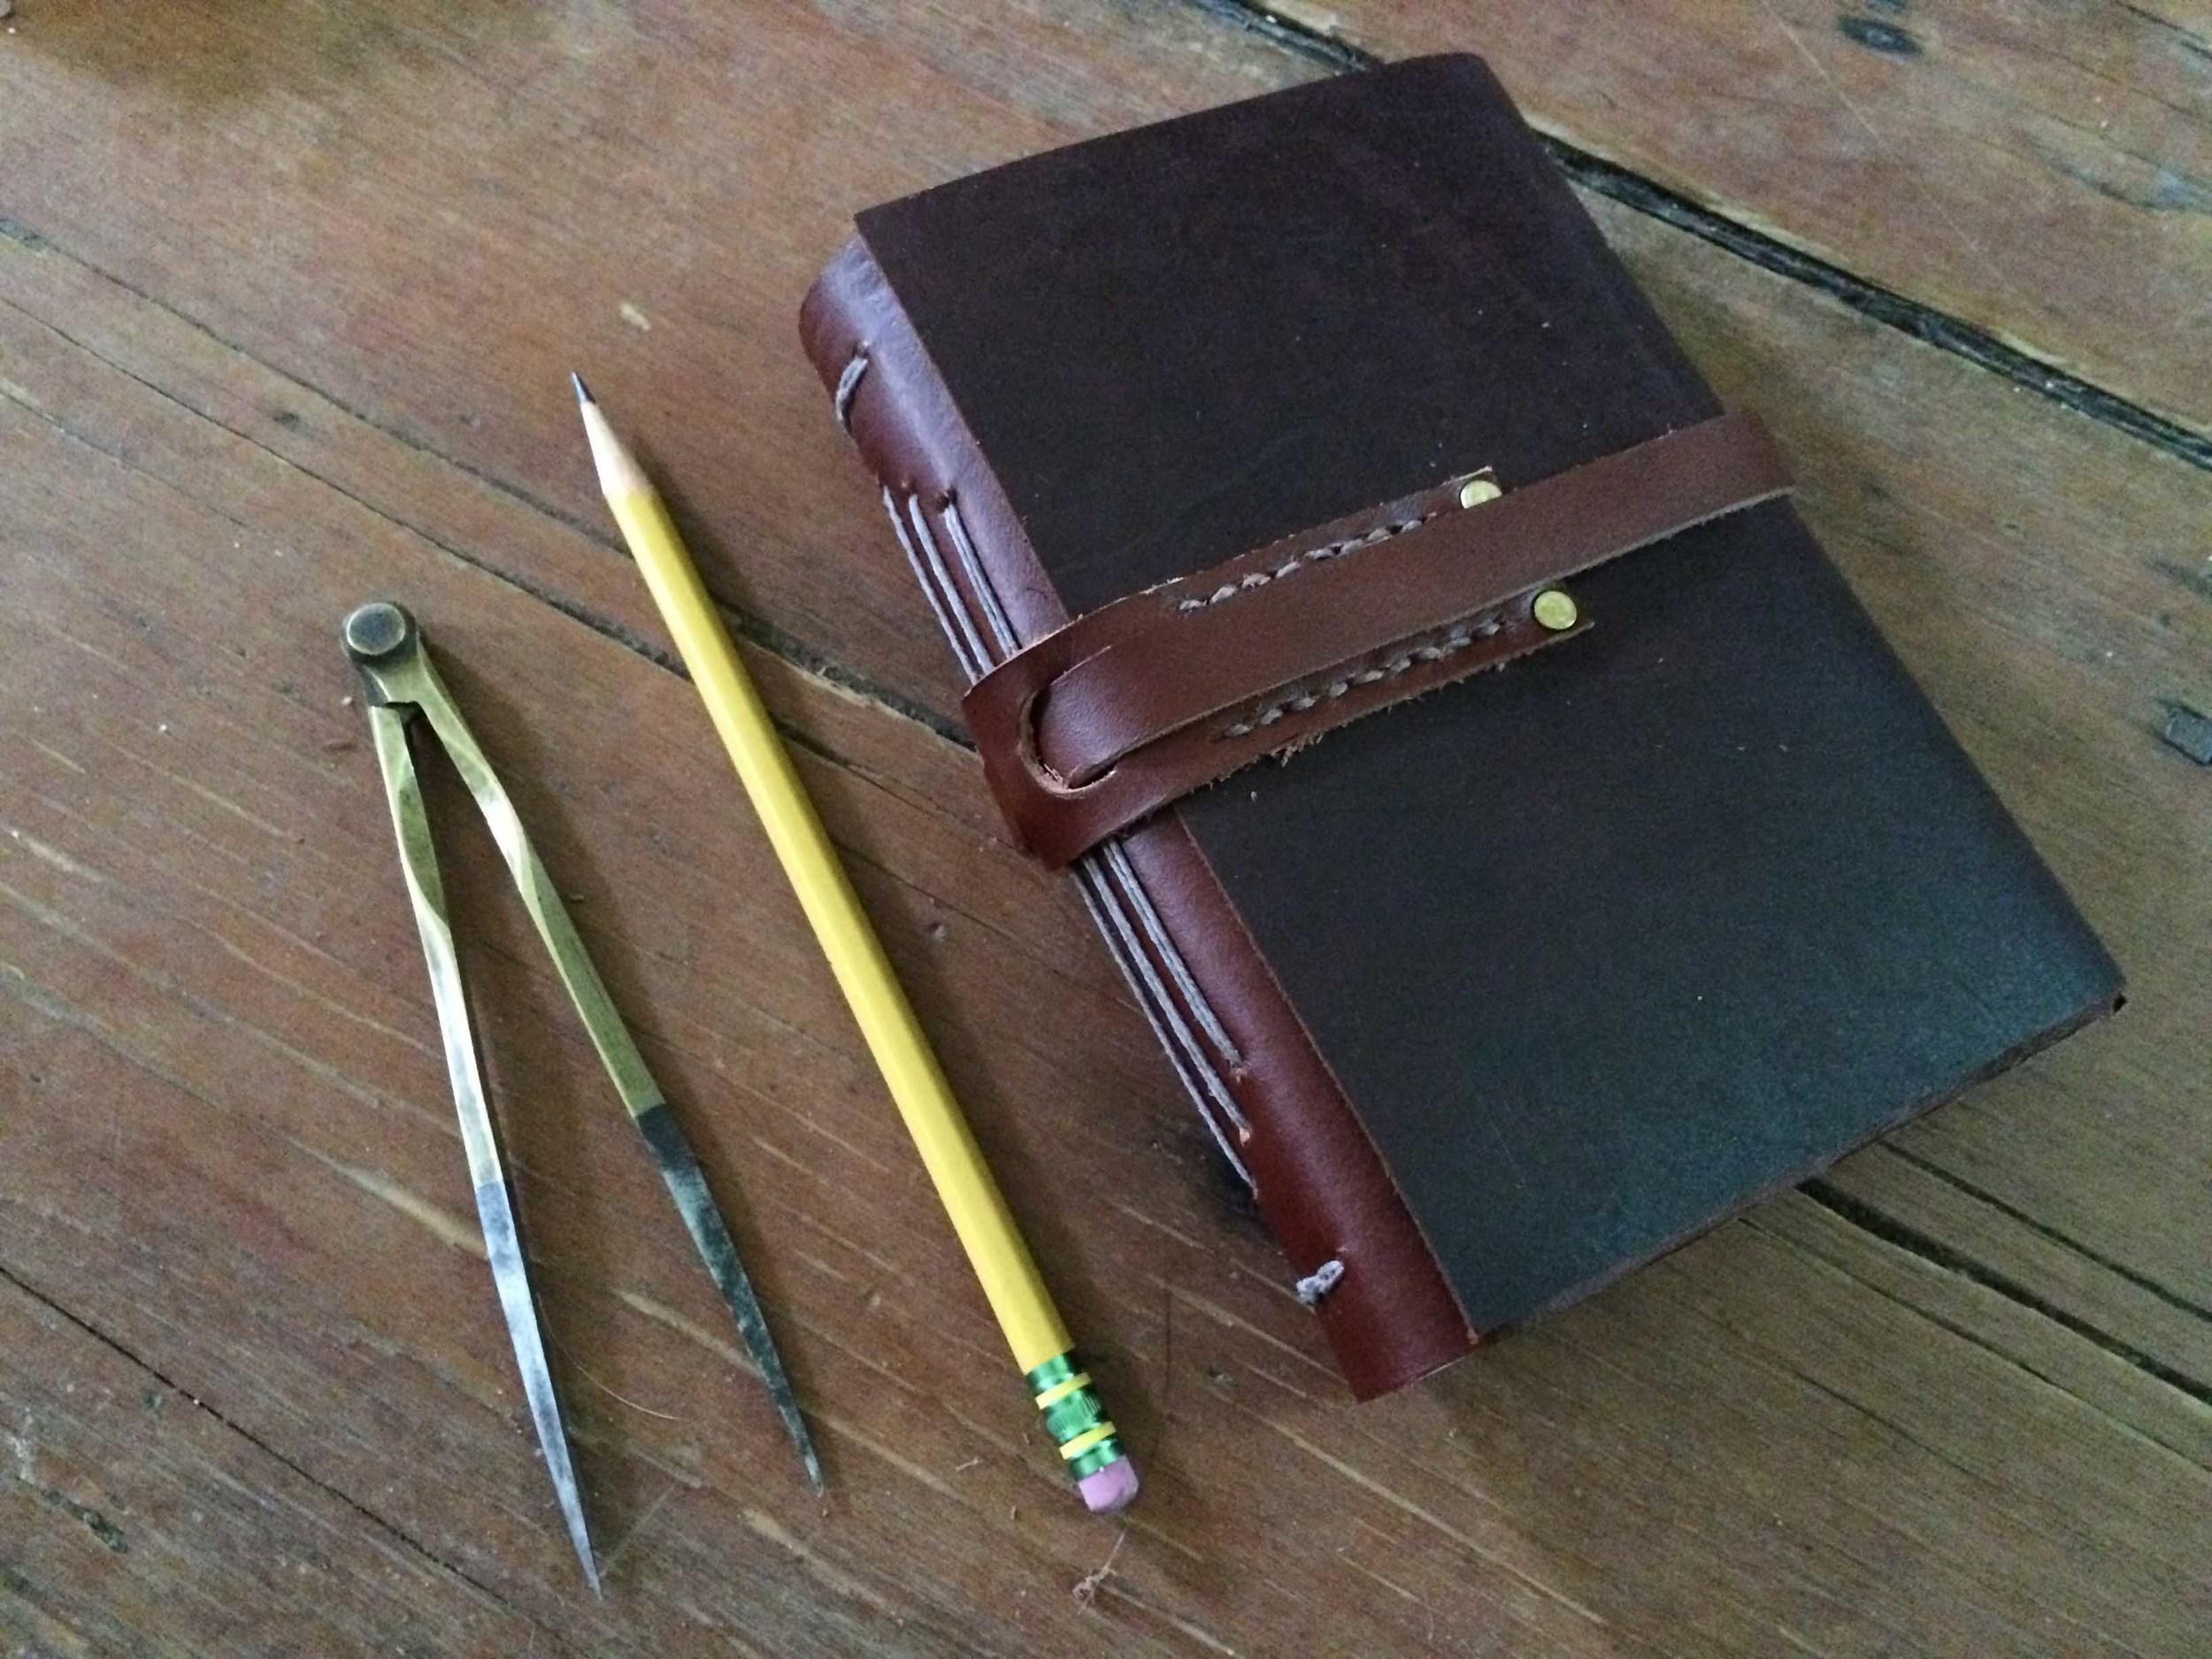 dski-design-cabin-duo-leather-7.jpg